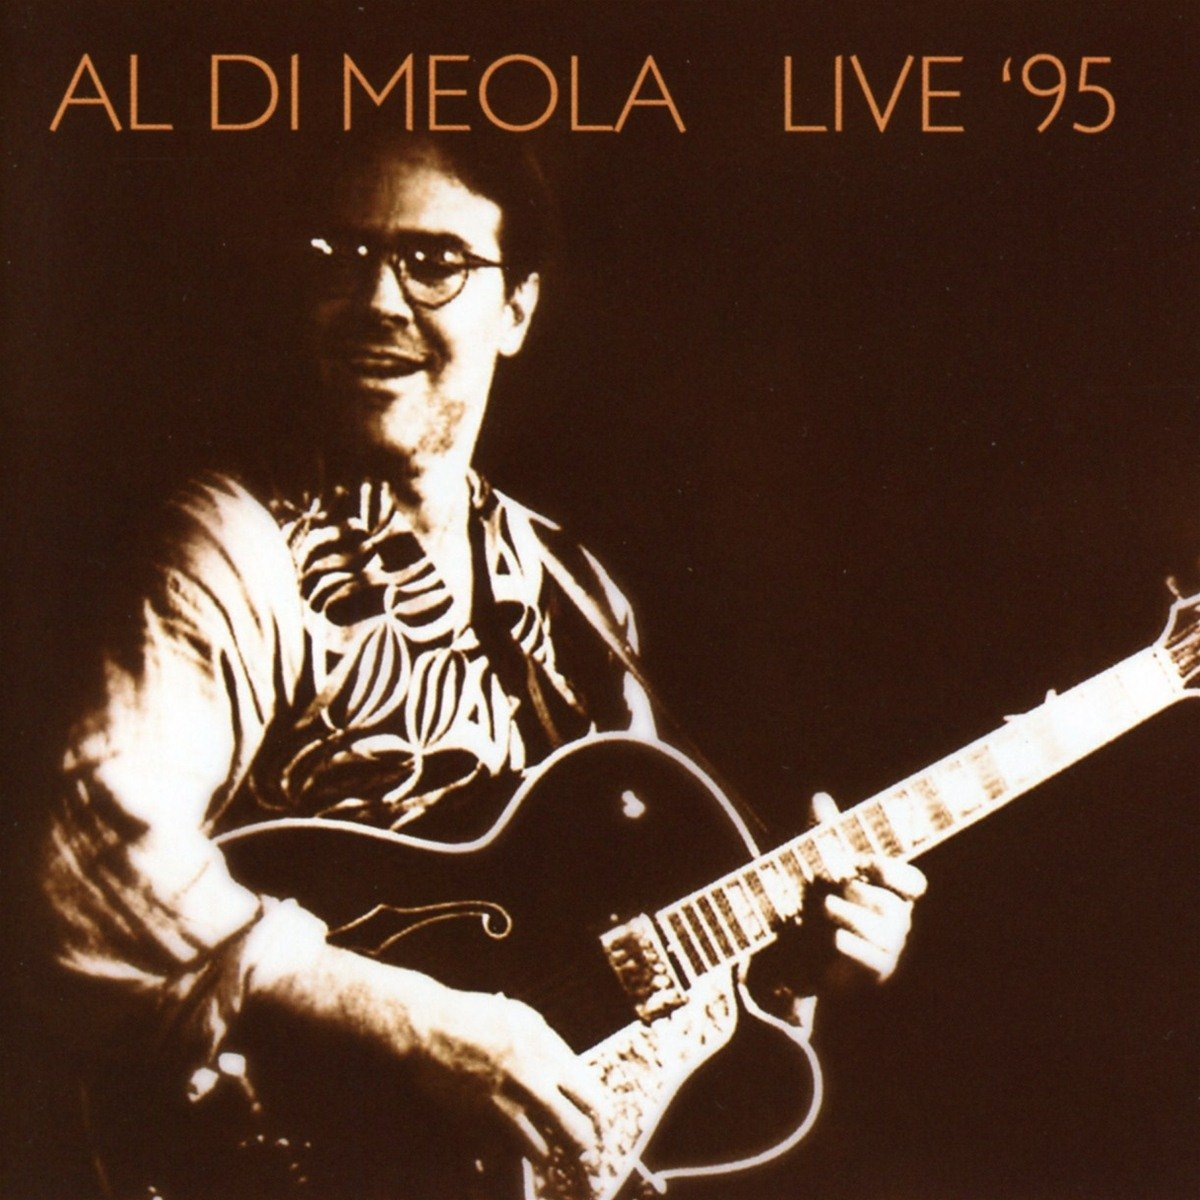 AL DI MEOLA - Live 95 cover